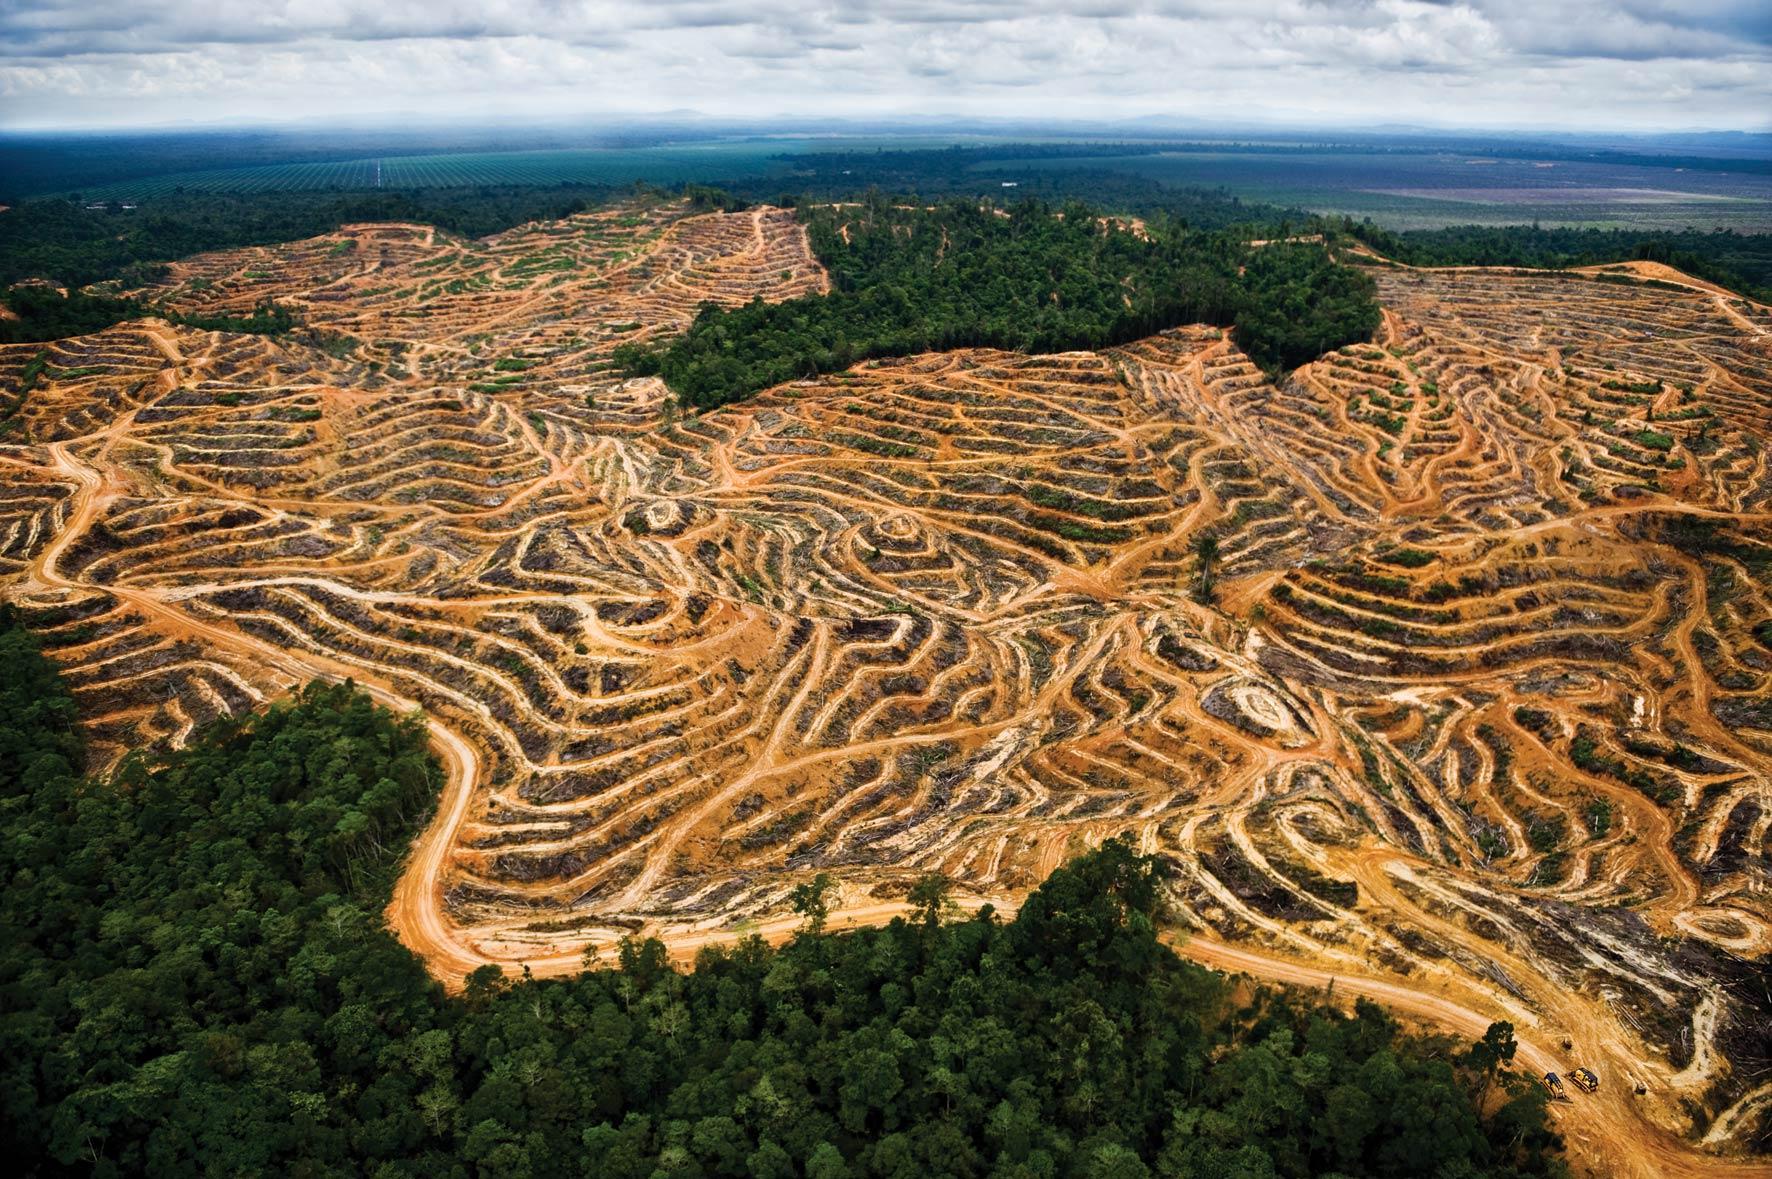 Fotos da amazonia antes do desmatamento 3